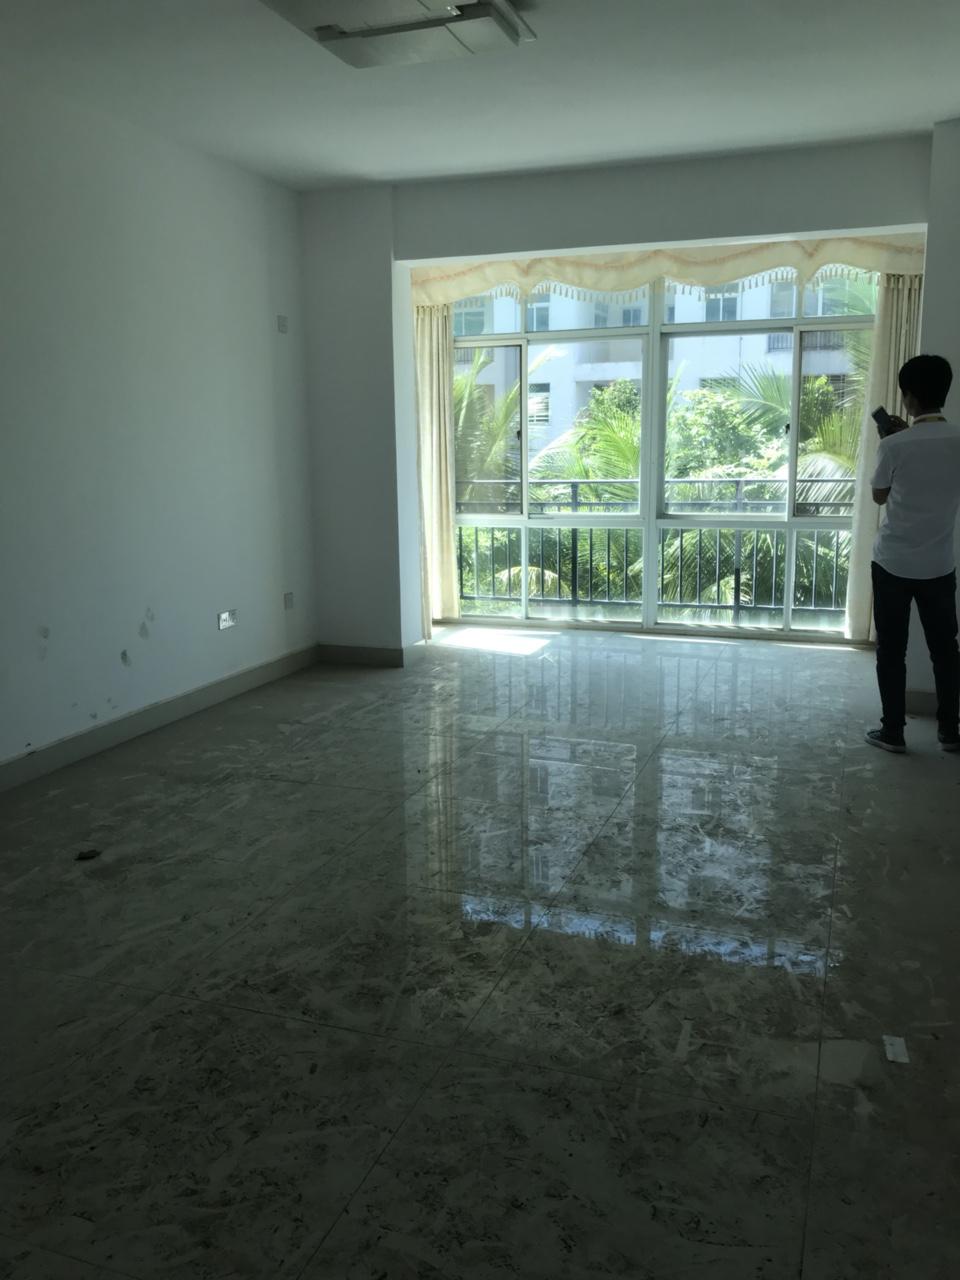 京博雅苑2室 1厅 1卫150万元